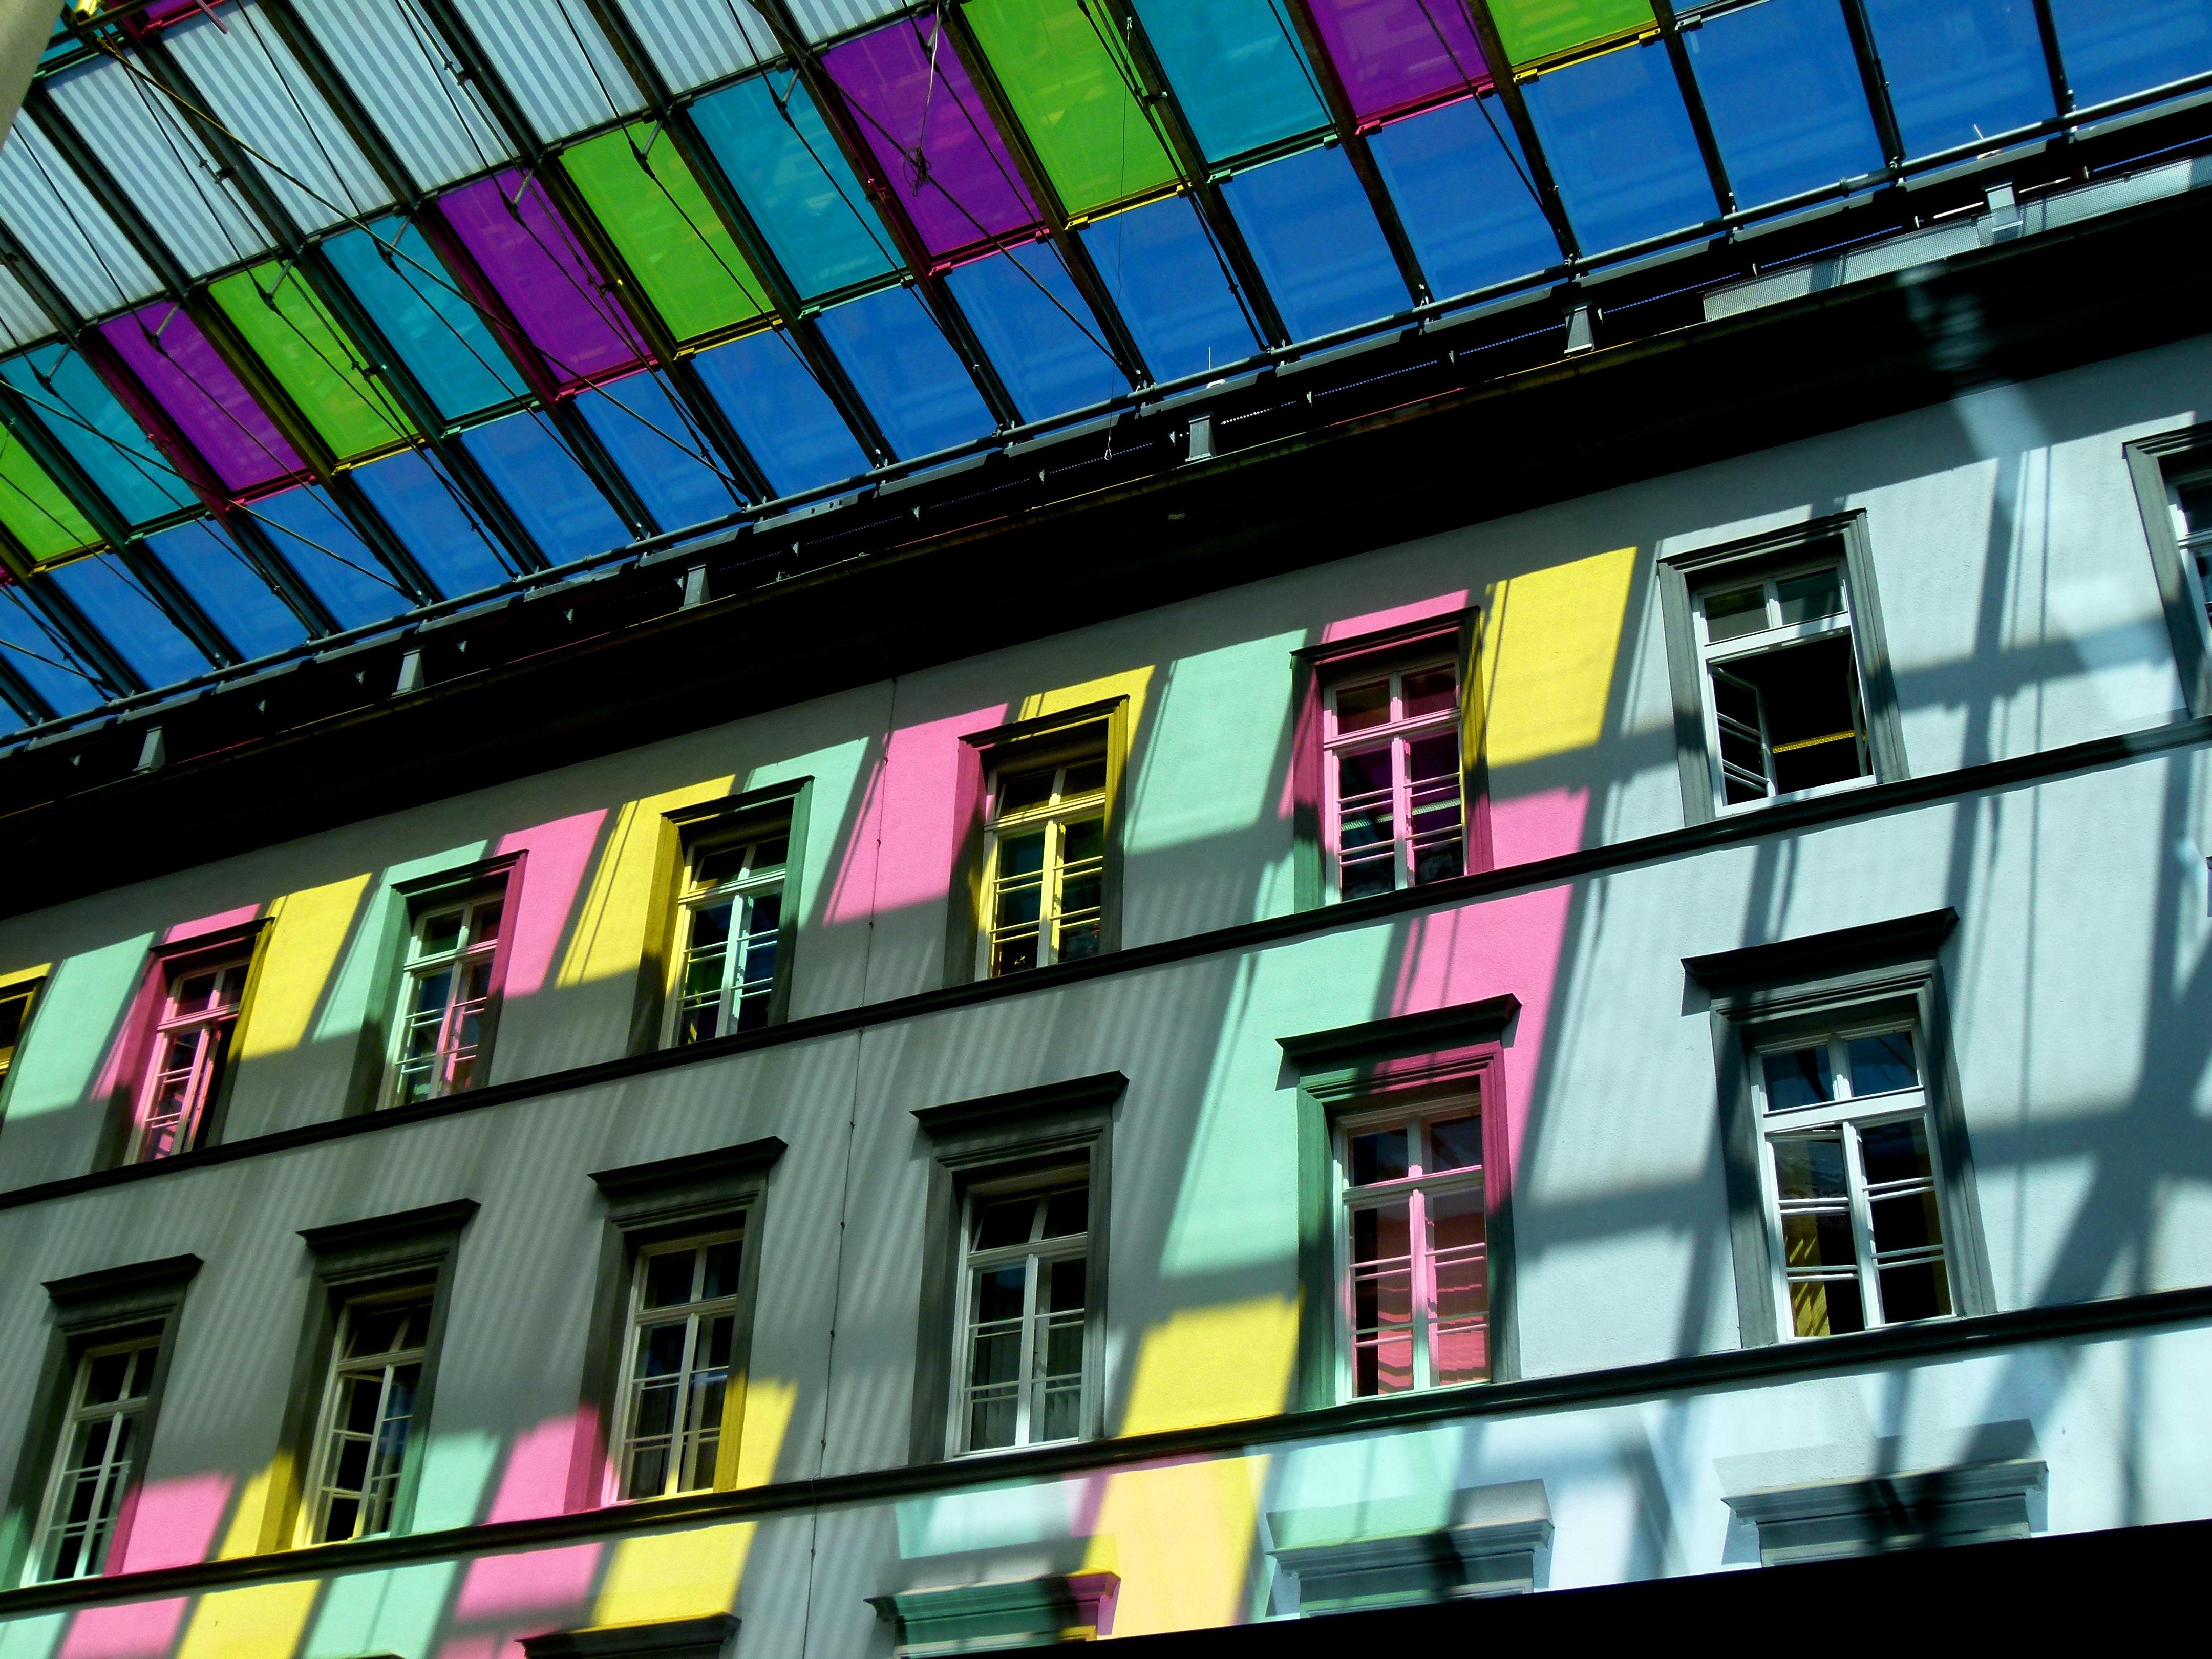 Images gratuites architecture soleil fen tre b timent for Conception d architecture maison gratuite